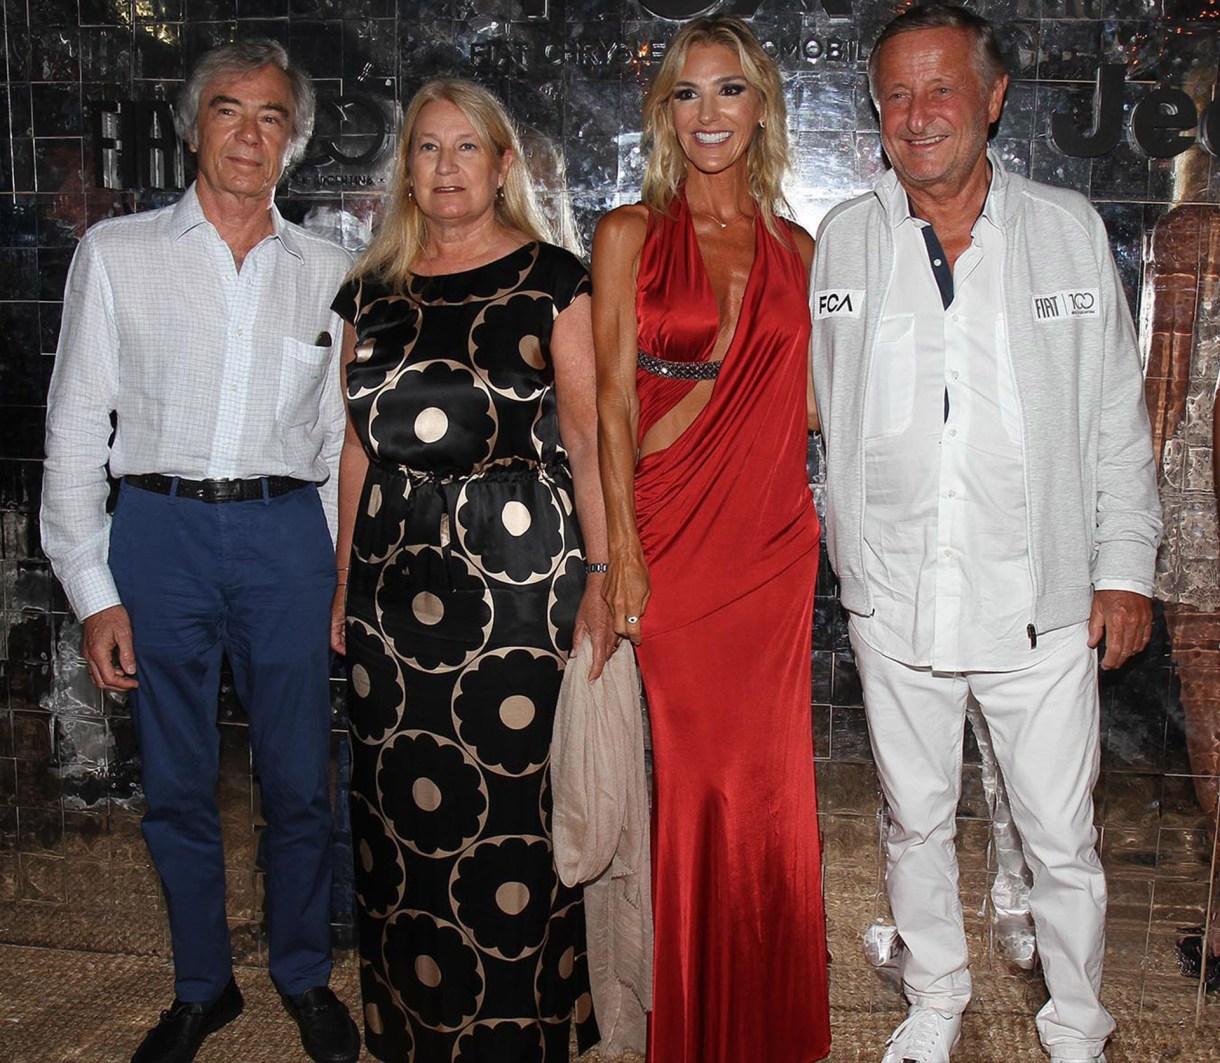 Charlie Blaquier y María Taquini de Blaquier junto a Gabriela Castellani y Cristiano Rattazzi